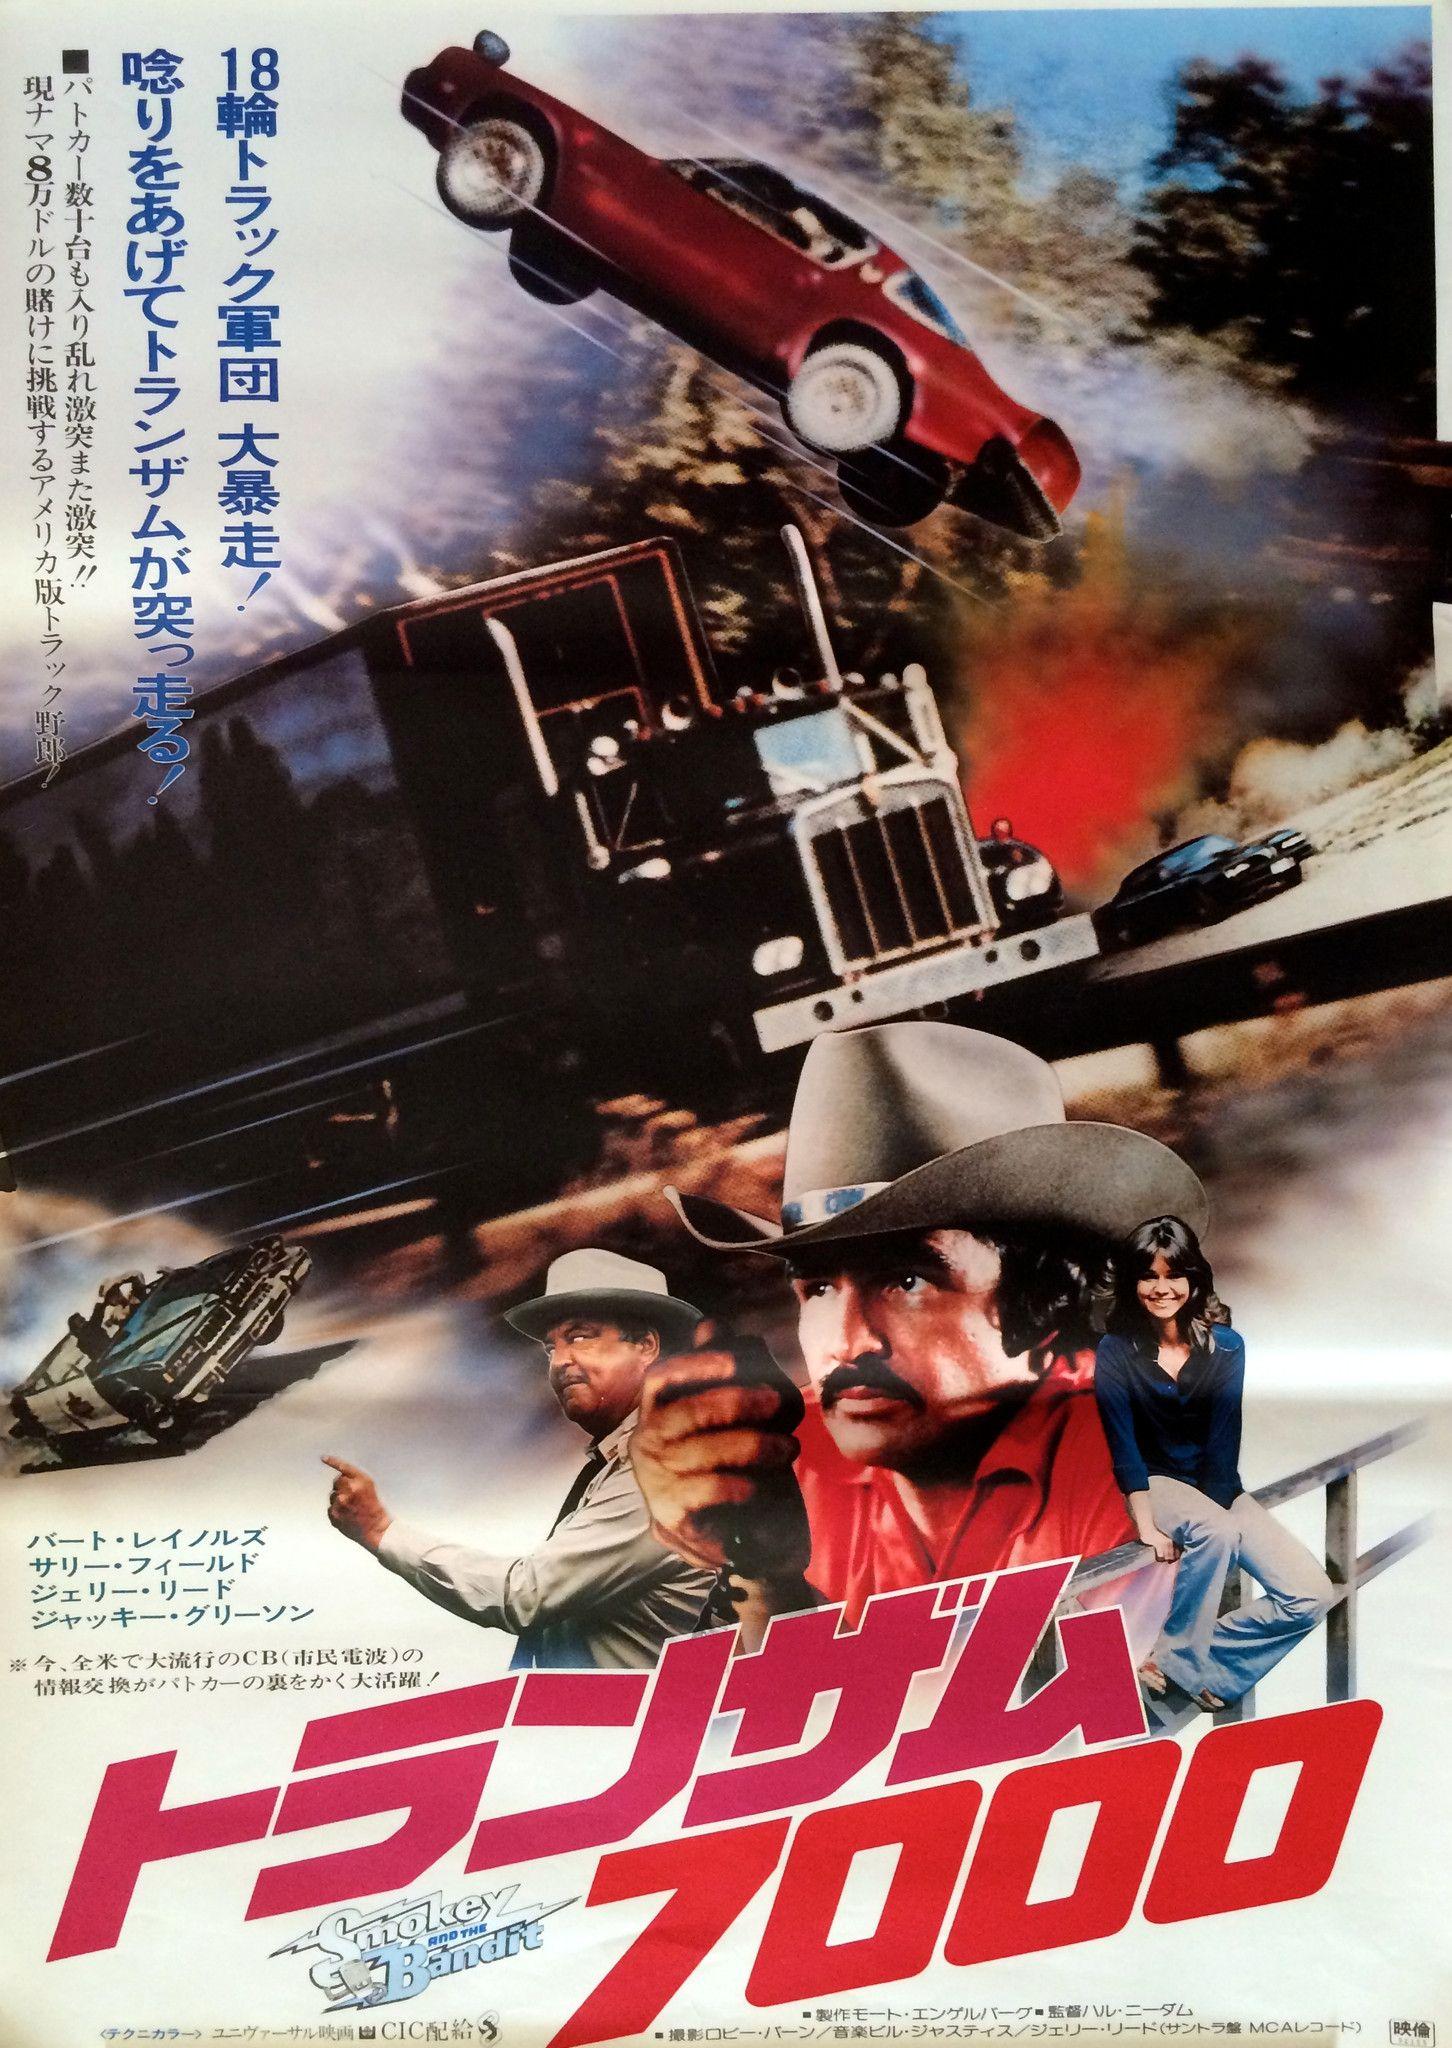 Drawn smokey japanese Original movie original and bandit